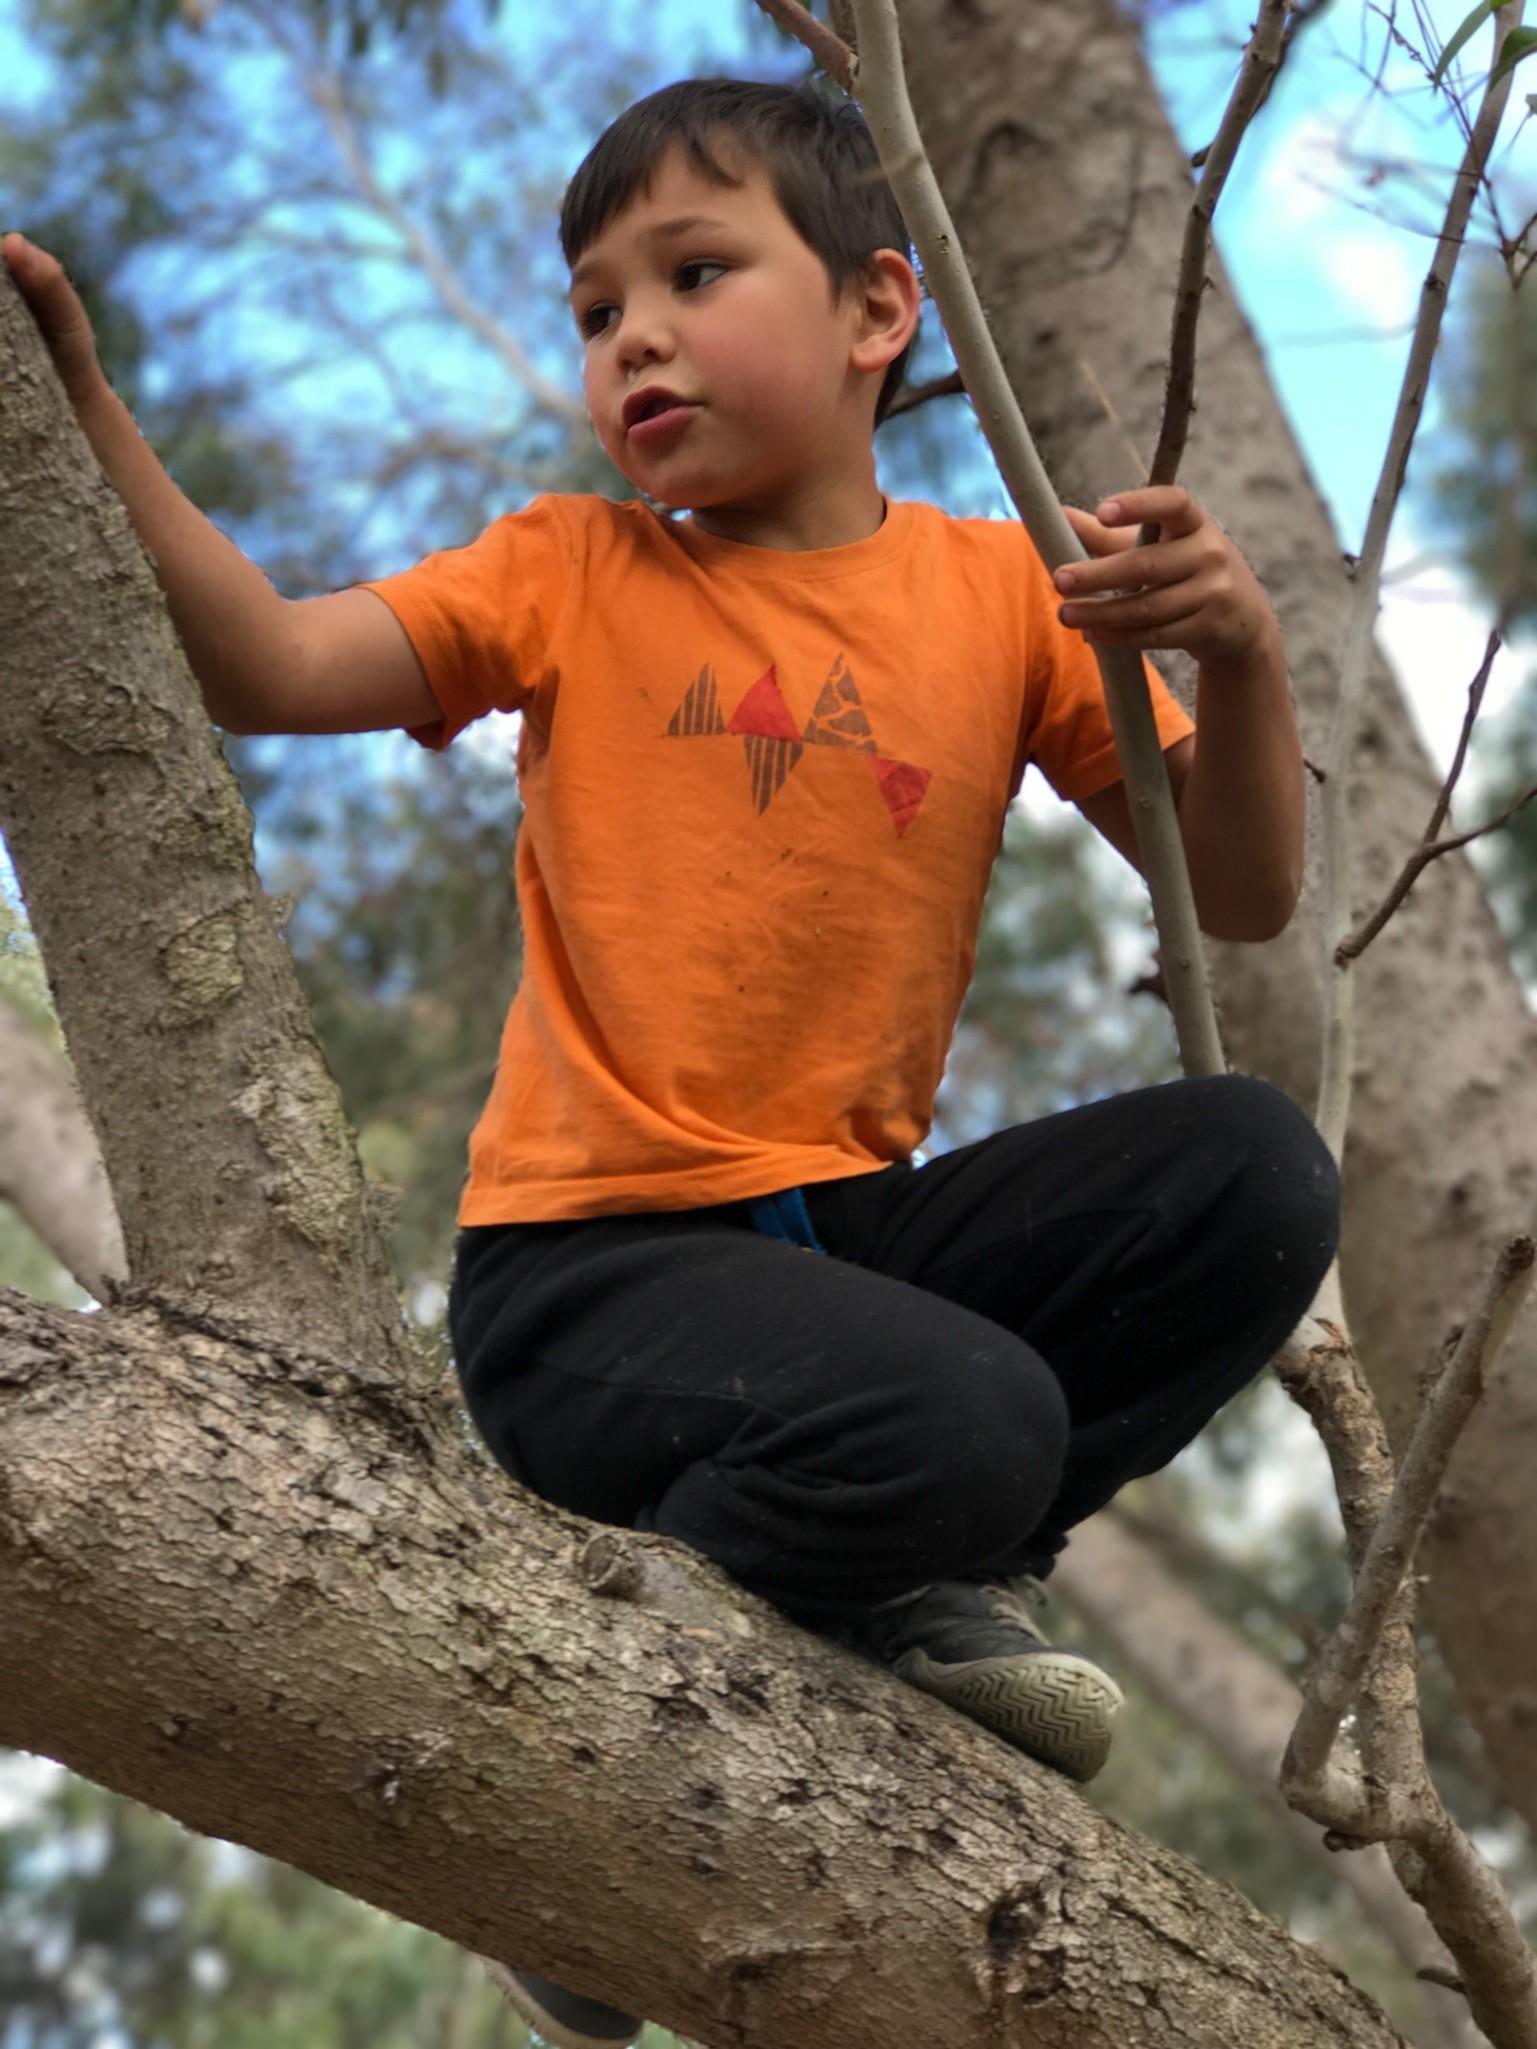 Alfie-climb-tree.jpg